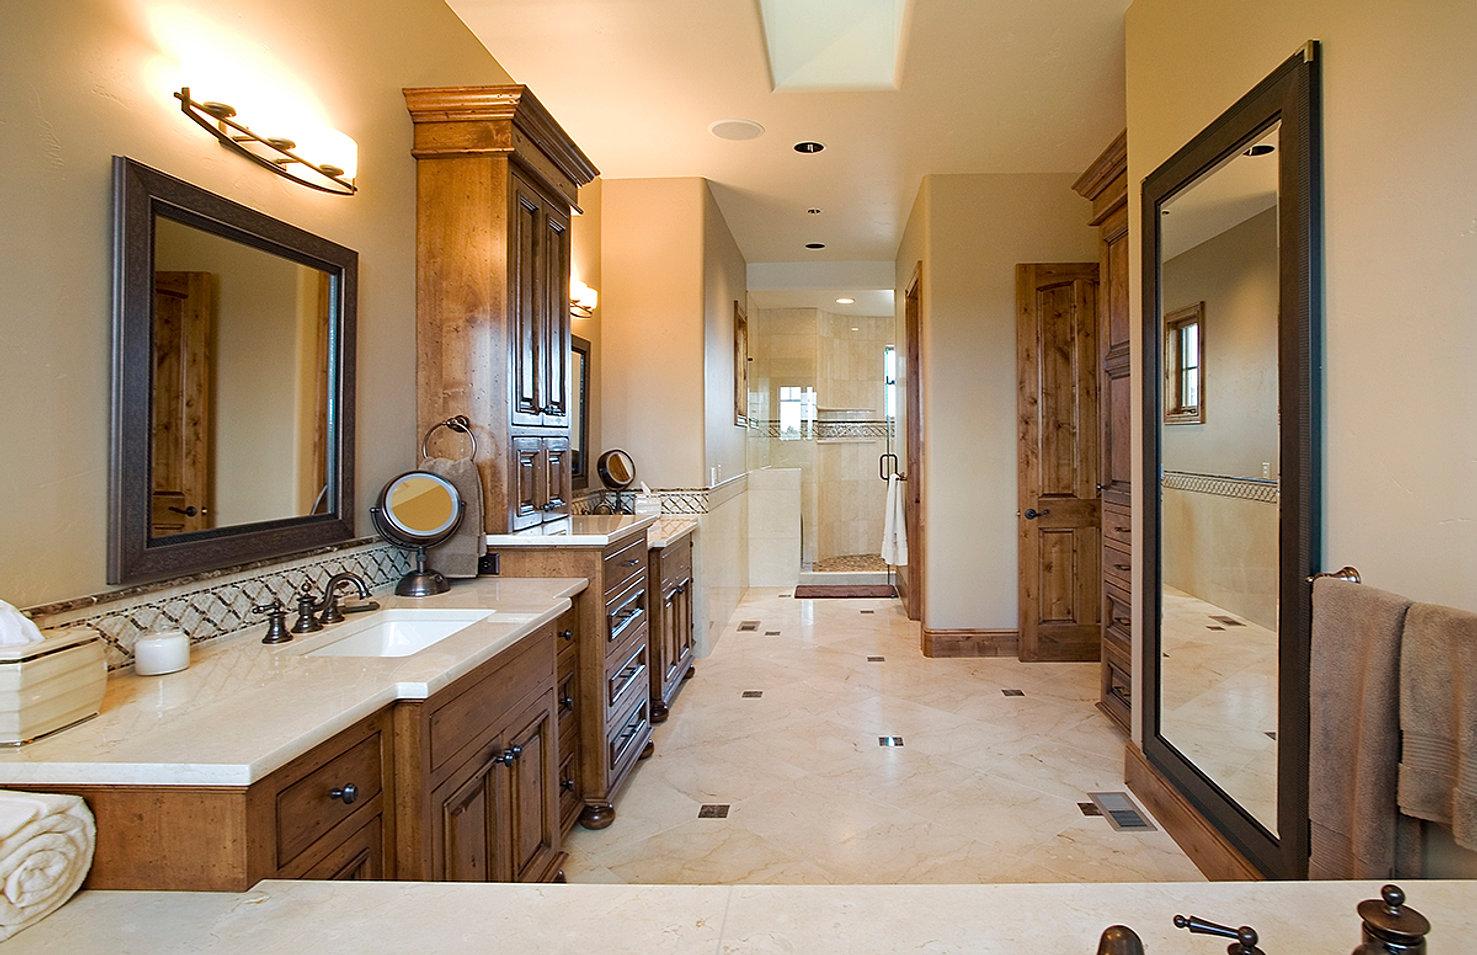 Kitchen And Bath Remodeling Pgc Building Design Bend Oregon Kitchen Bathroom Remodels